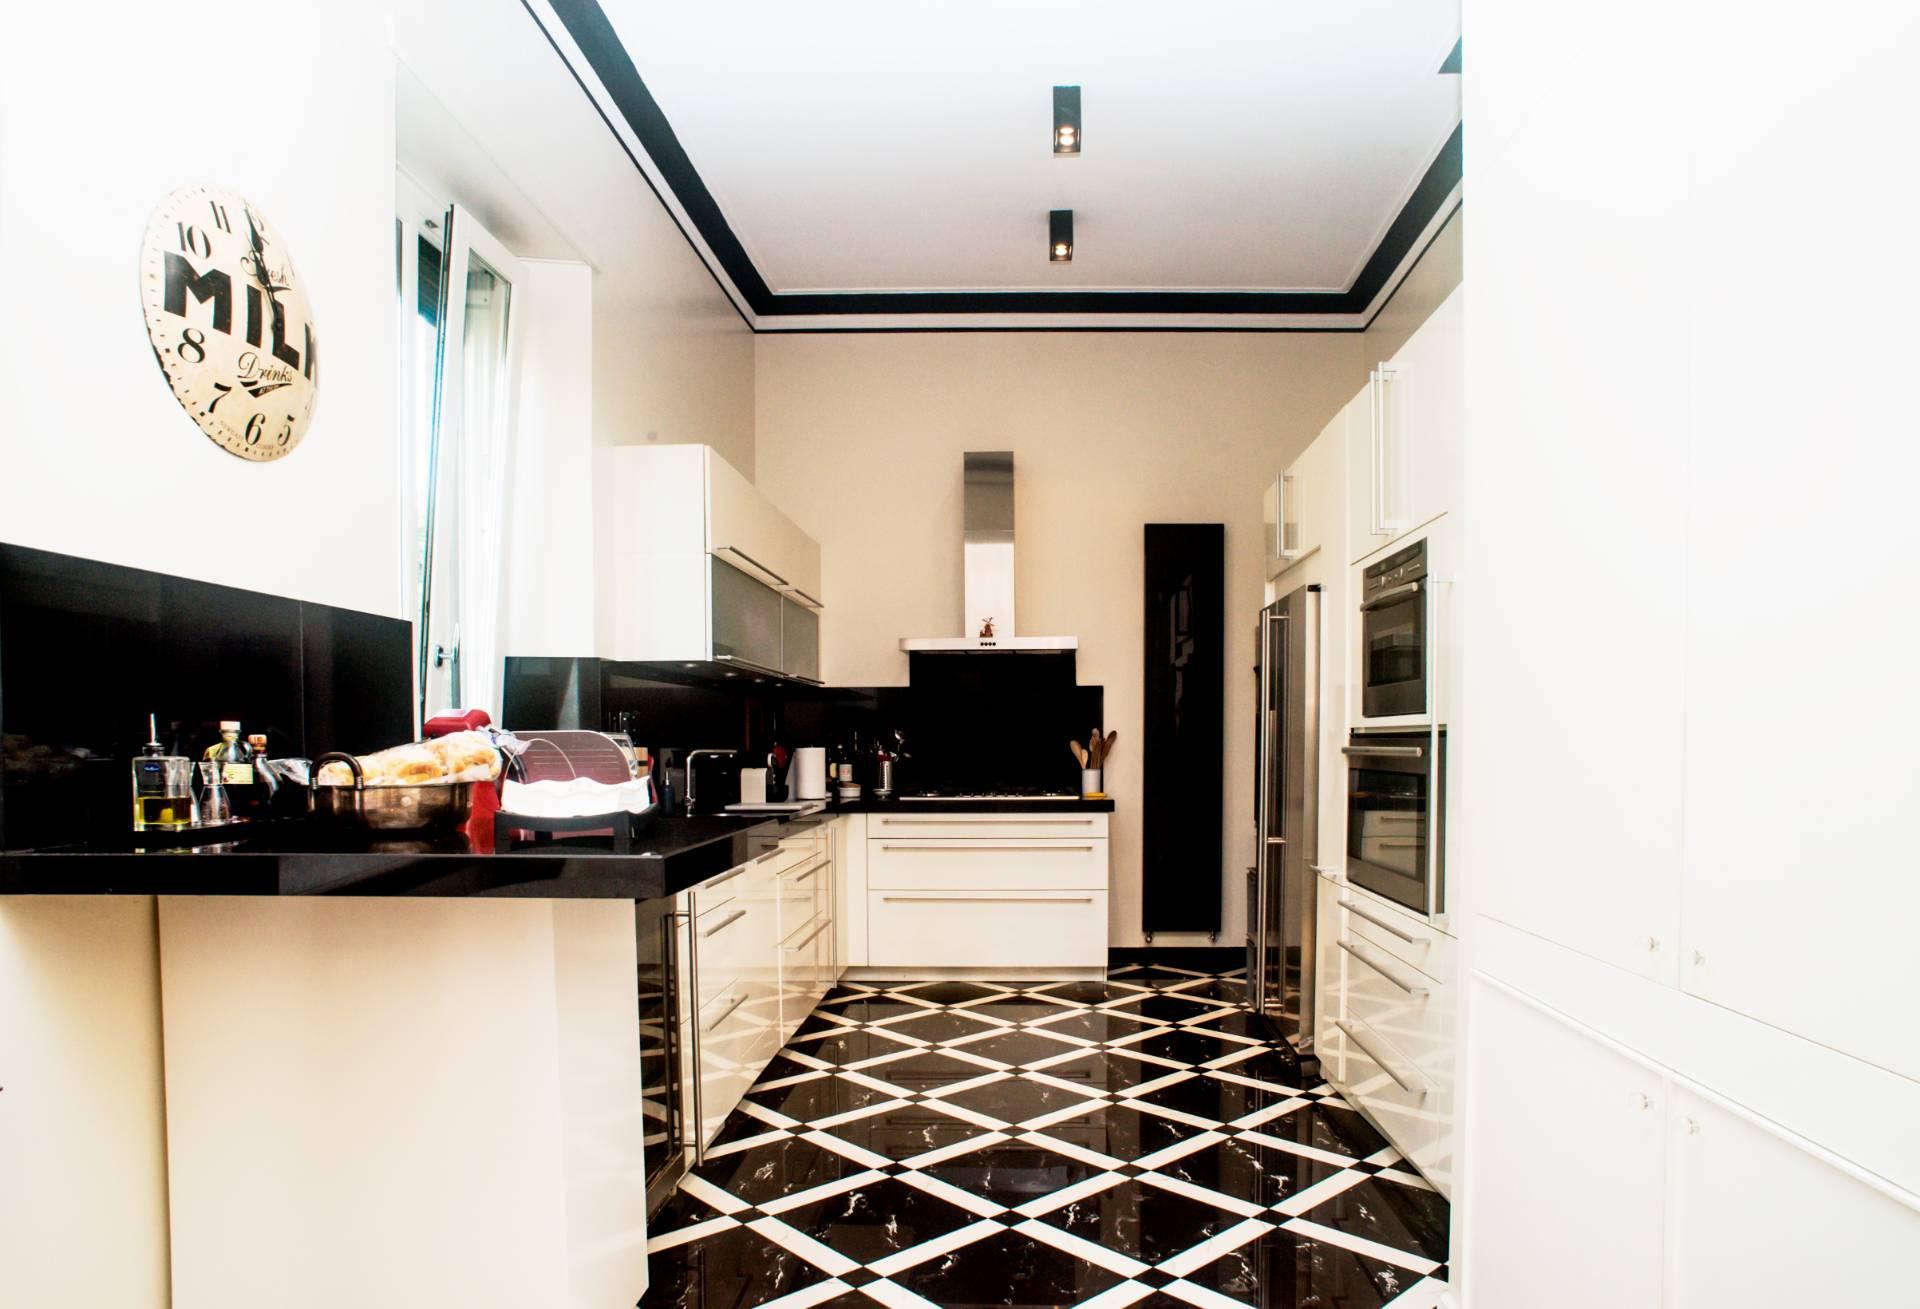 Appartamento in affitto a roma cod v44 28 for Affitto studio medico roma parioli